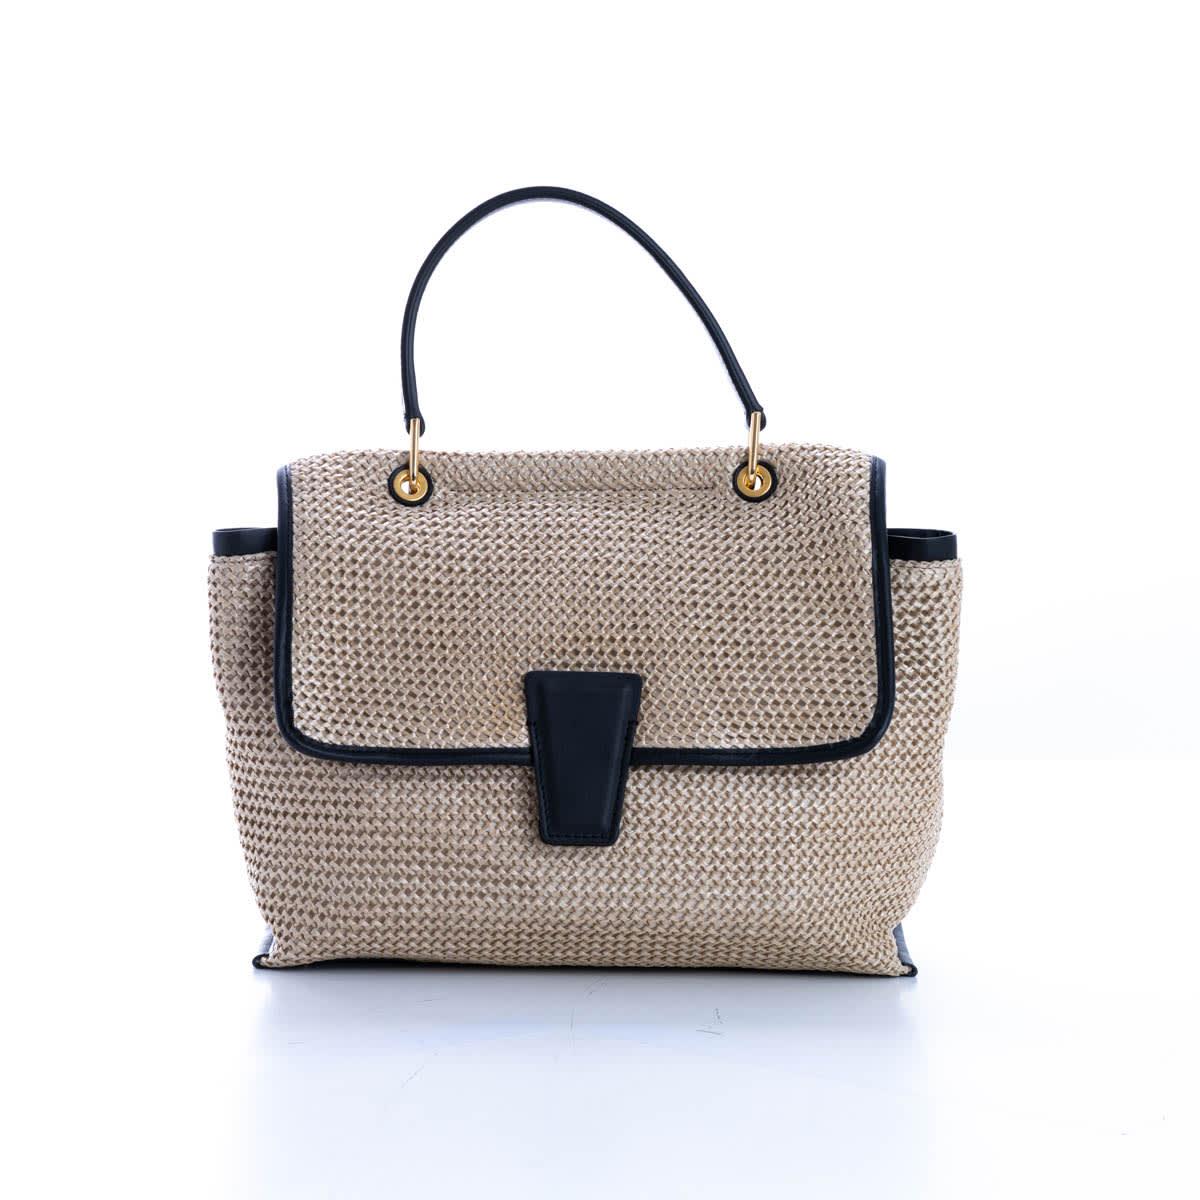 Gianni Chiarini Gianni Chiarini elettra Straw Bag